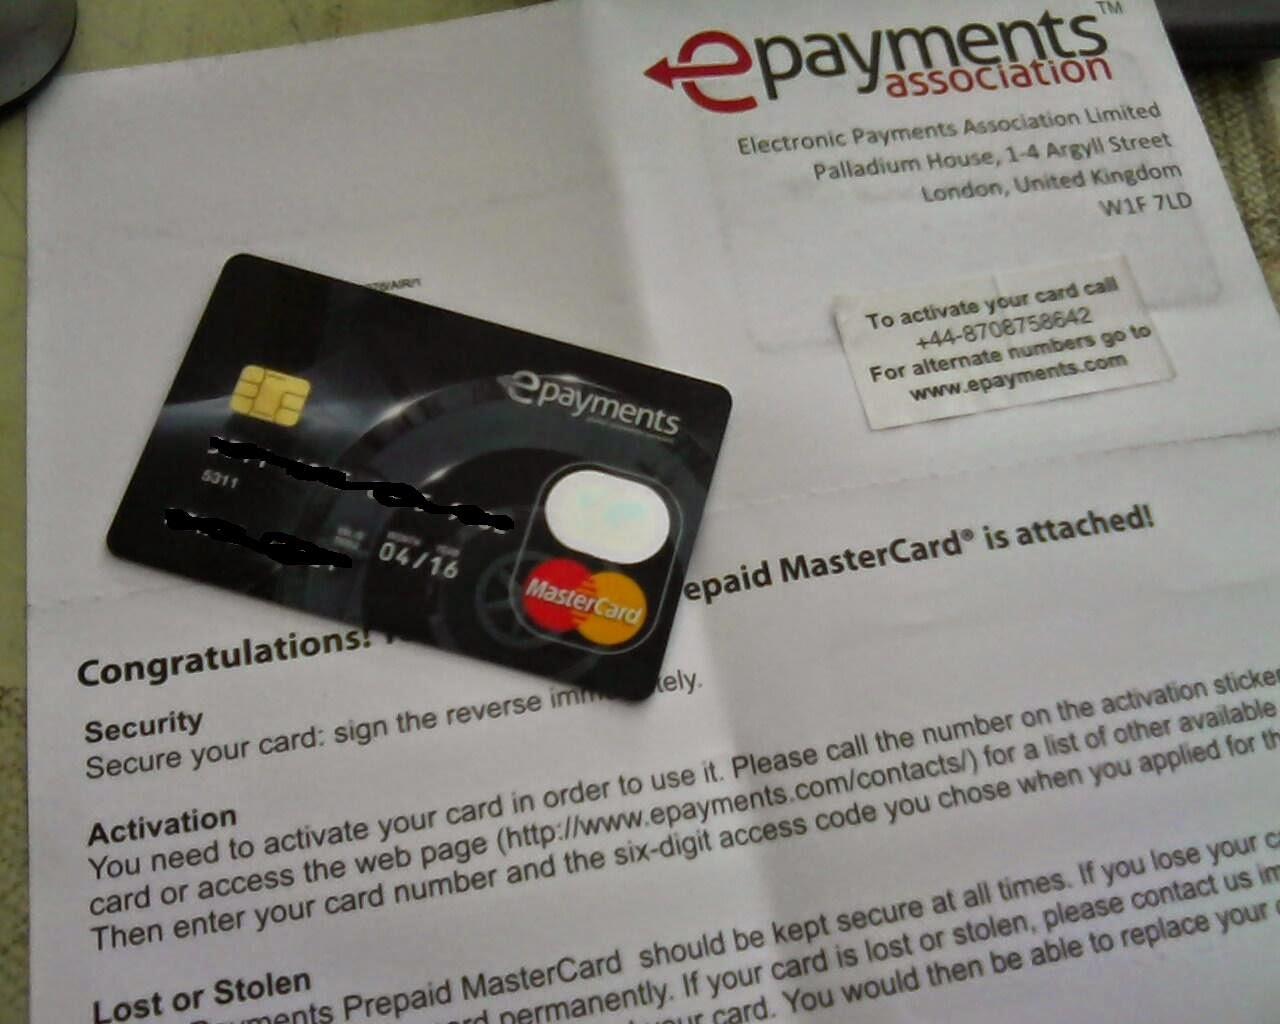 شرح التسجيل فى بنك epayments والحصول على بطاقة مصرفية